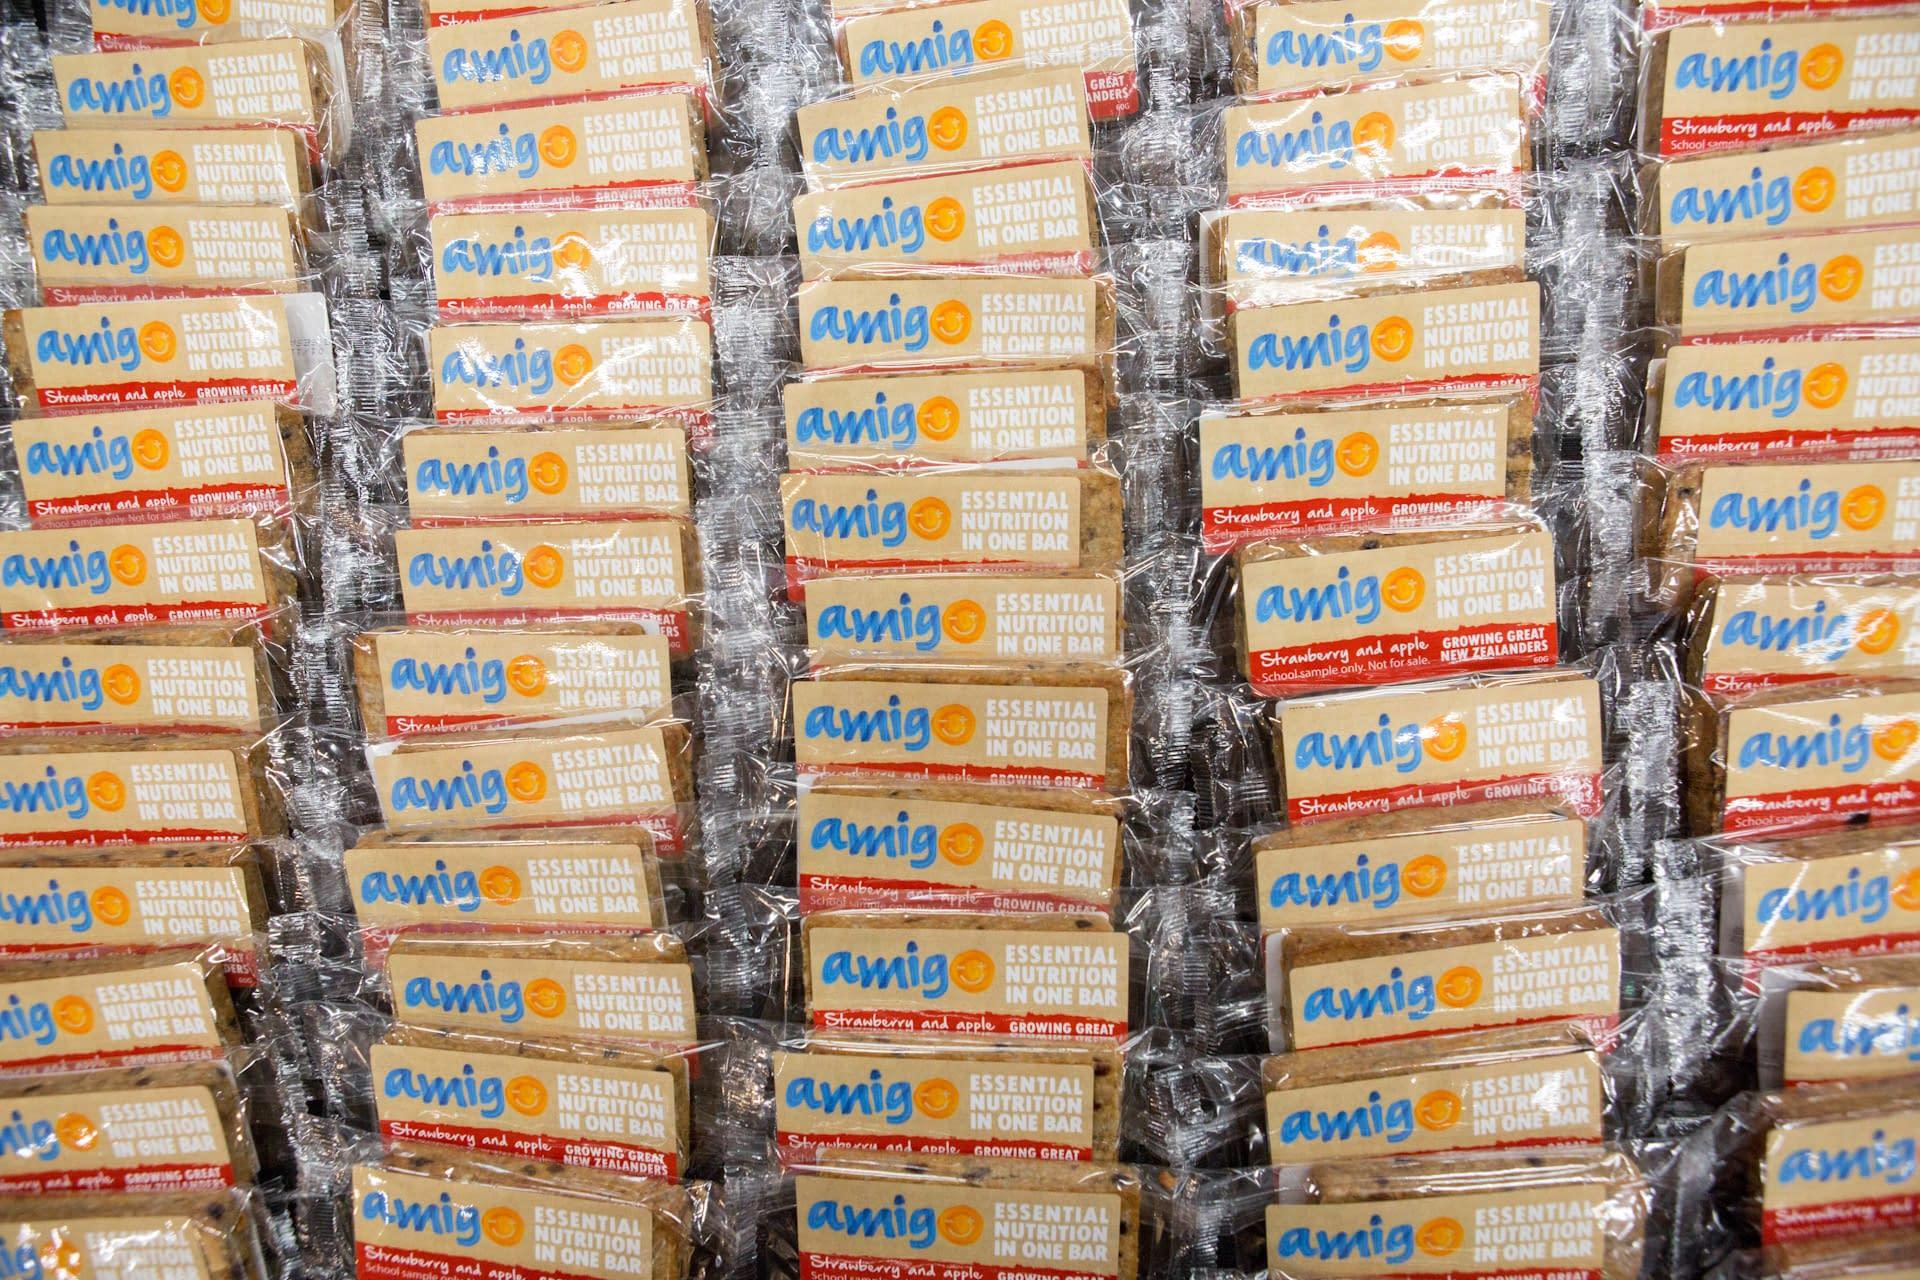 Amigo Bar packs